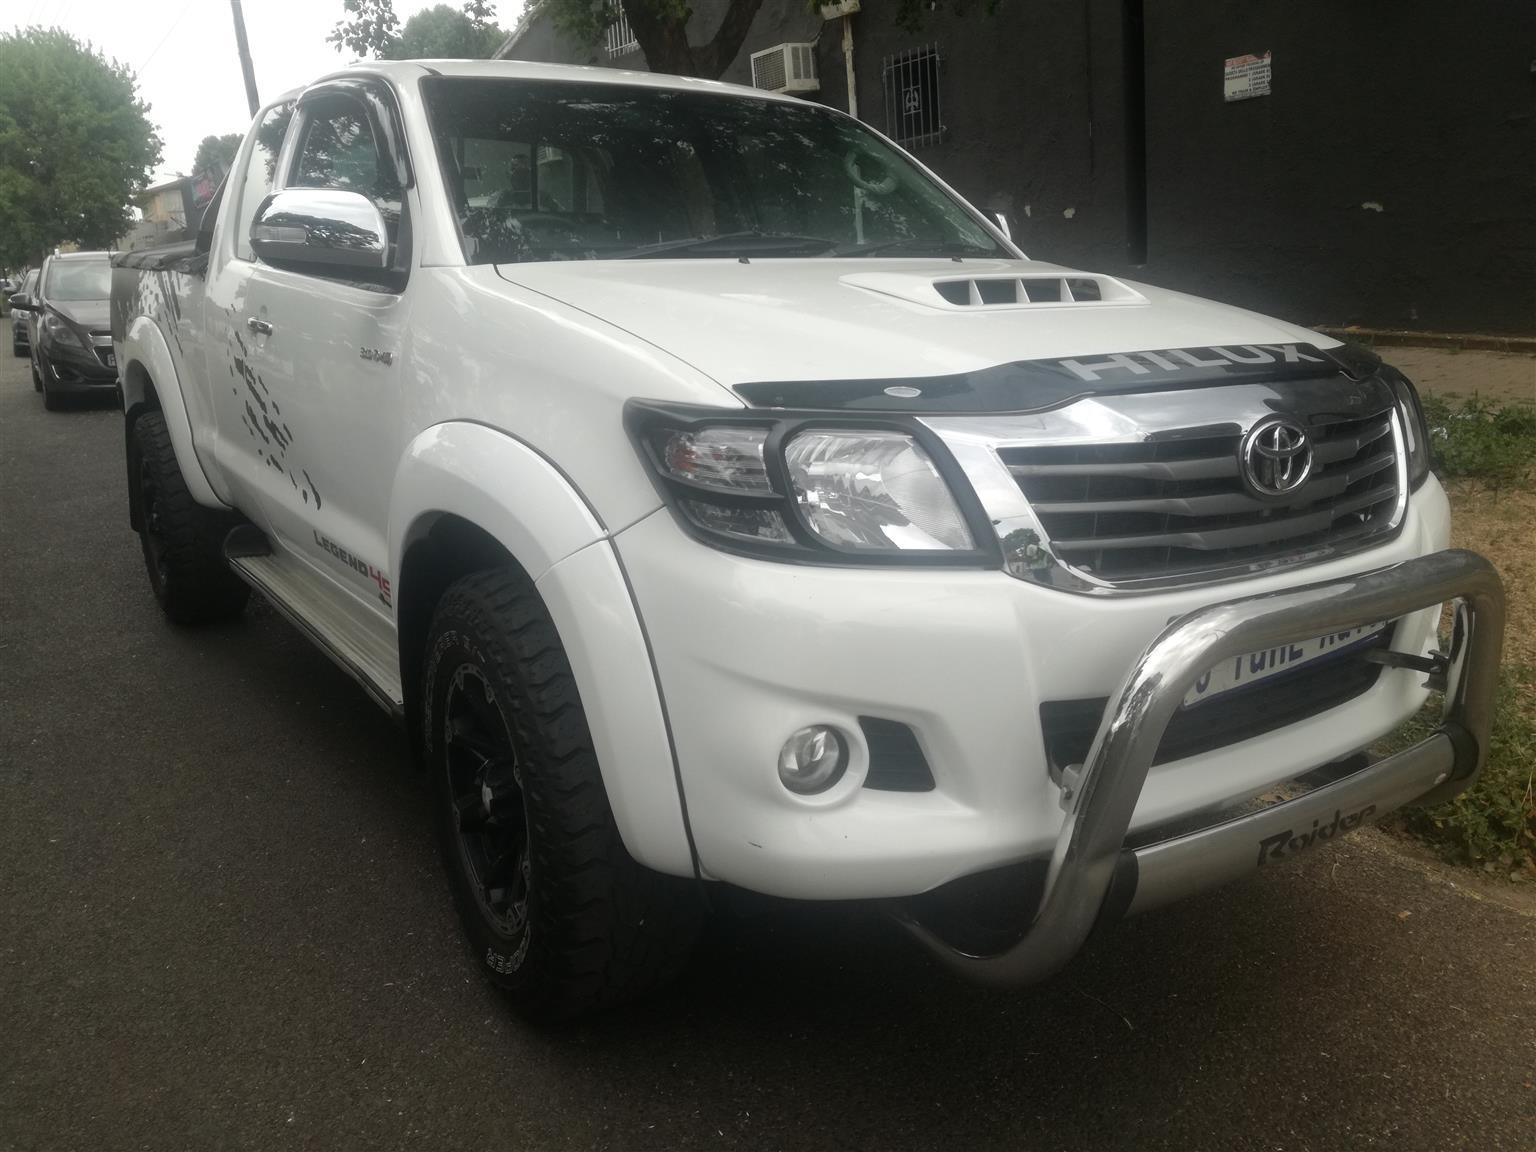 2014 Toyota Hilux 3.0D 4D double cab 4x4 Raider Legend 45